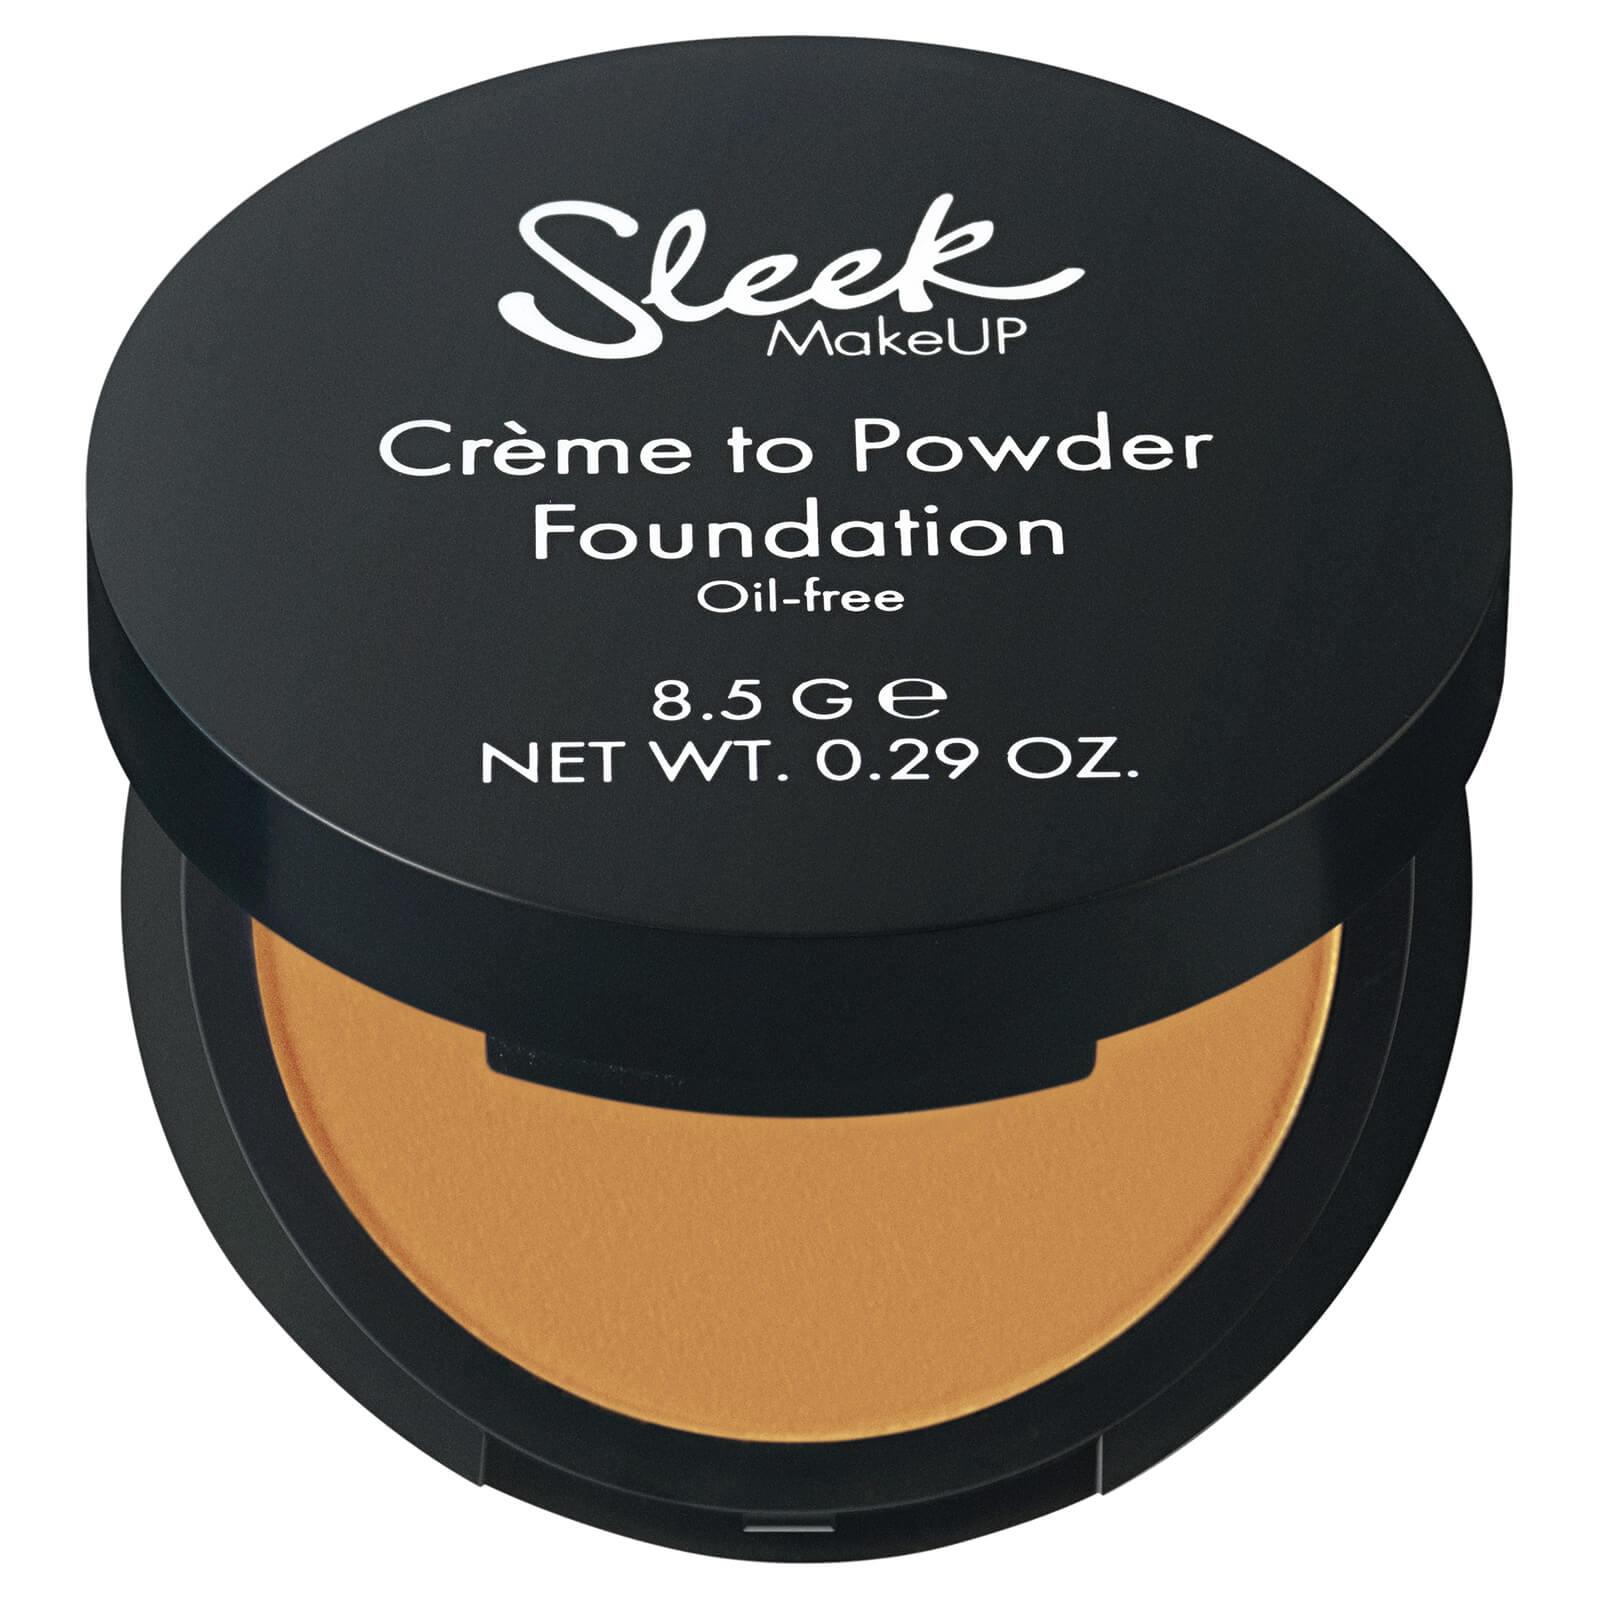 Купить Кремовая тональная основа Sleek MakeUP Creme to Powder Foundation 8, 5 г (различные оттенки) - C2P10